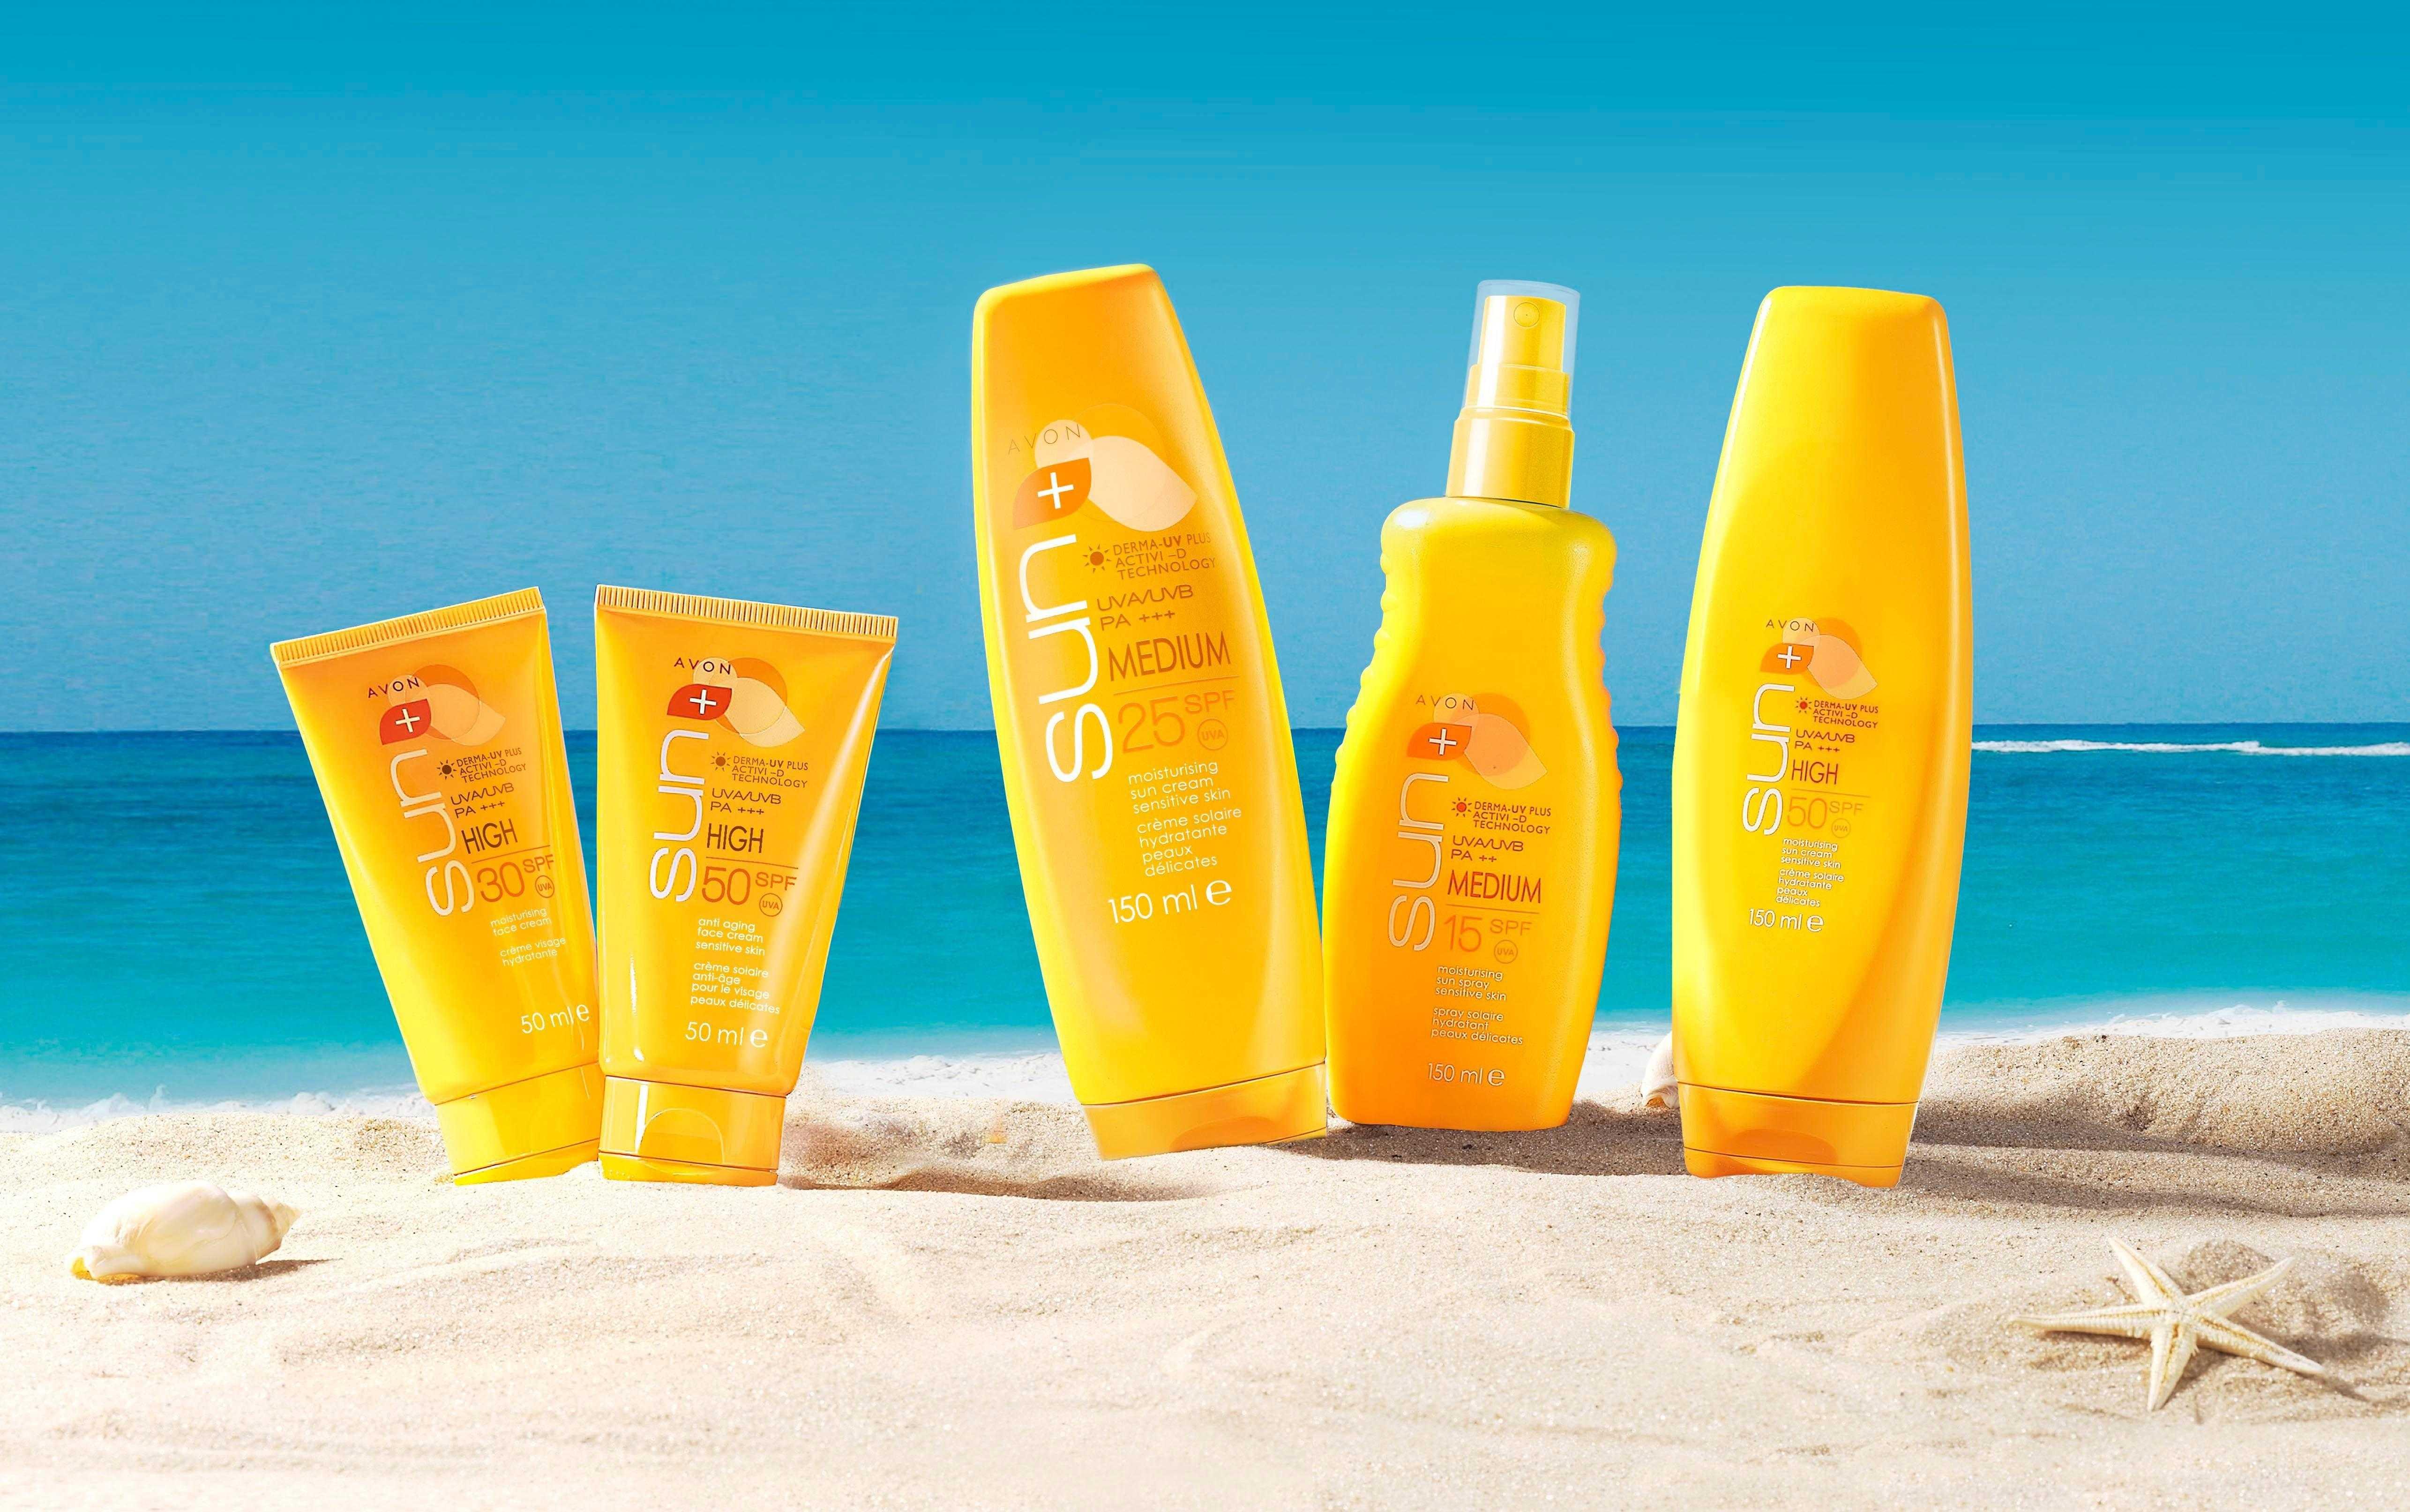 На что стоит обращать внимание при выборе косметики для загара Следуя простым советам подбора средств до и после солнечных ванн, вы сохраните здоровье, молодость кожи и сможете избежать ожогов